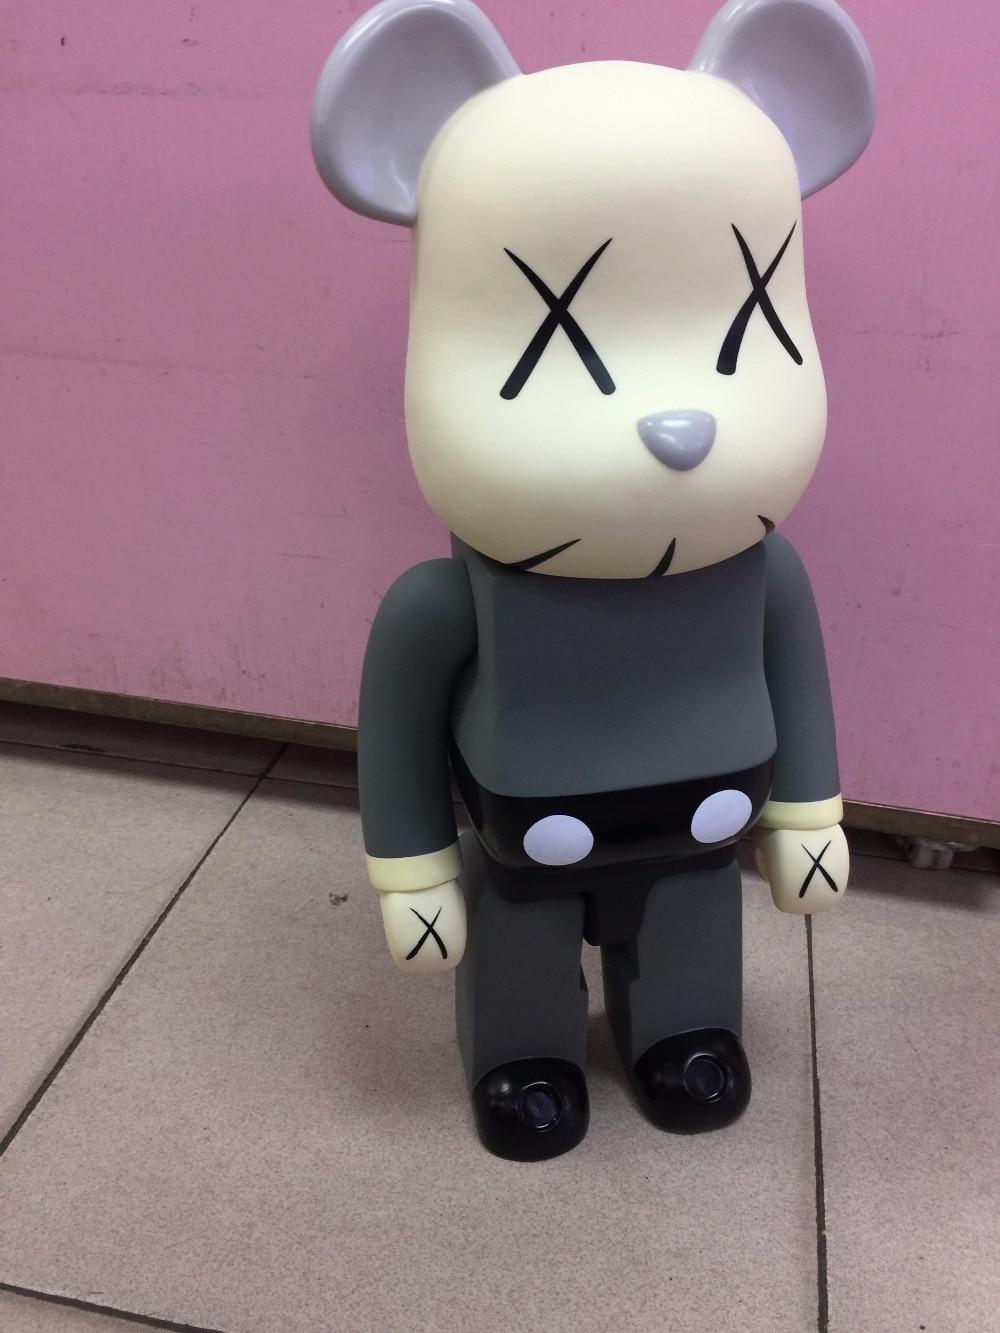 700% 52 см Kaws Bearbrick медведь @ кирпич COS Kaws Медведь кукла ПВХ фигурку игрушки Книги по искусству отлично работают подарок для друзей Juguetes цифры